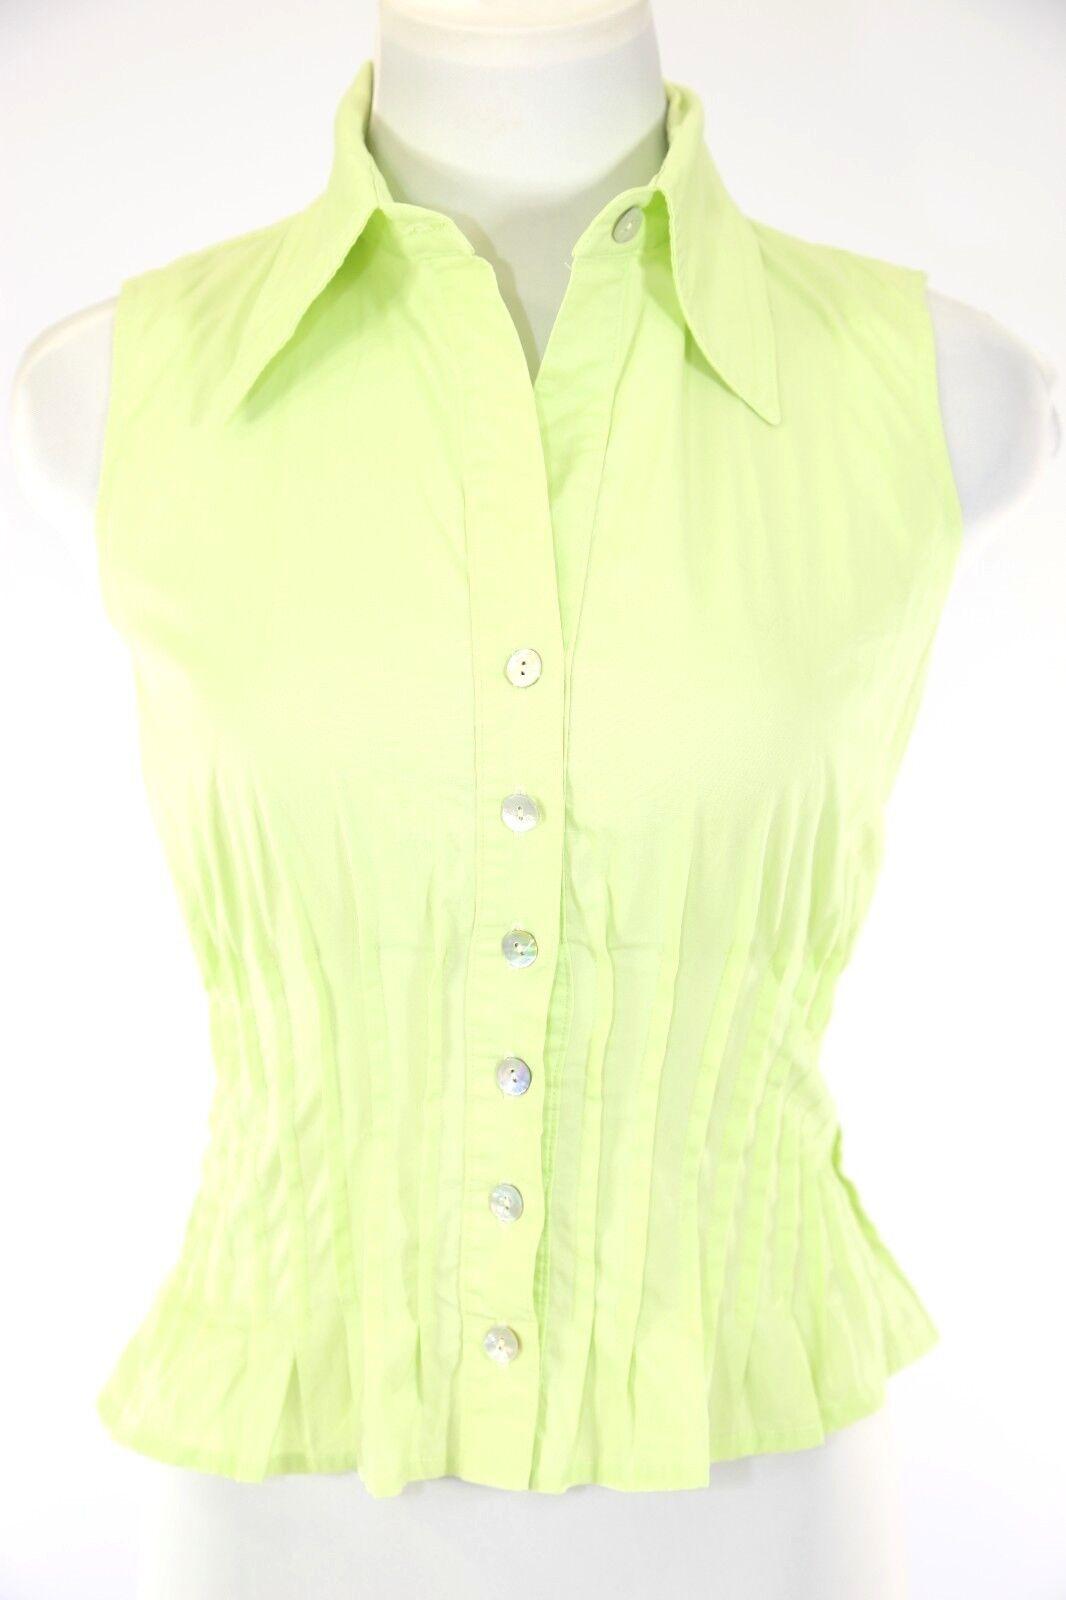 Finley Mint Grün Pleated Sleeveless Stretch Blouse Shirt Top XS  D10